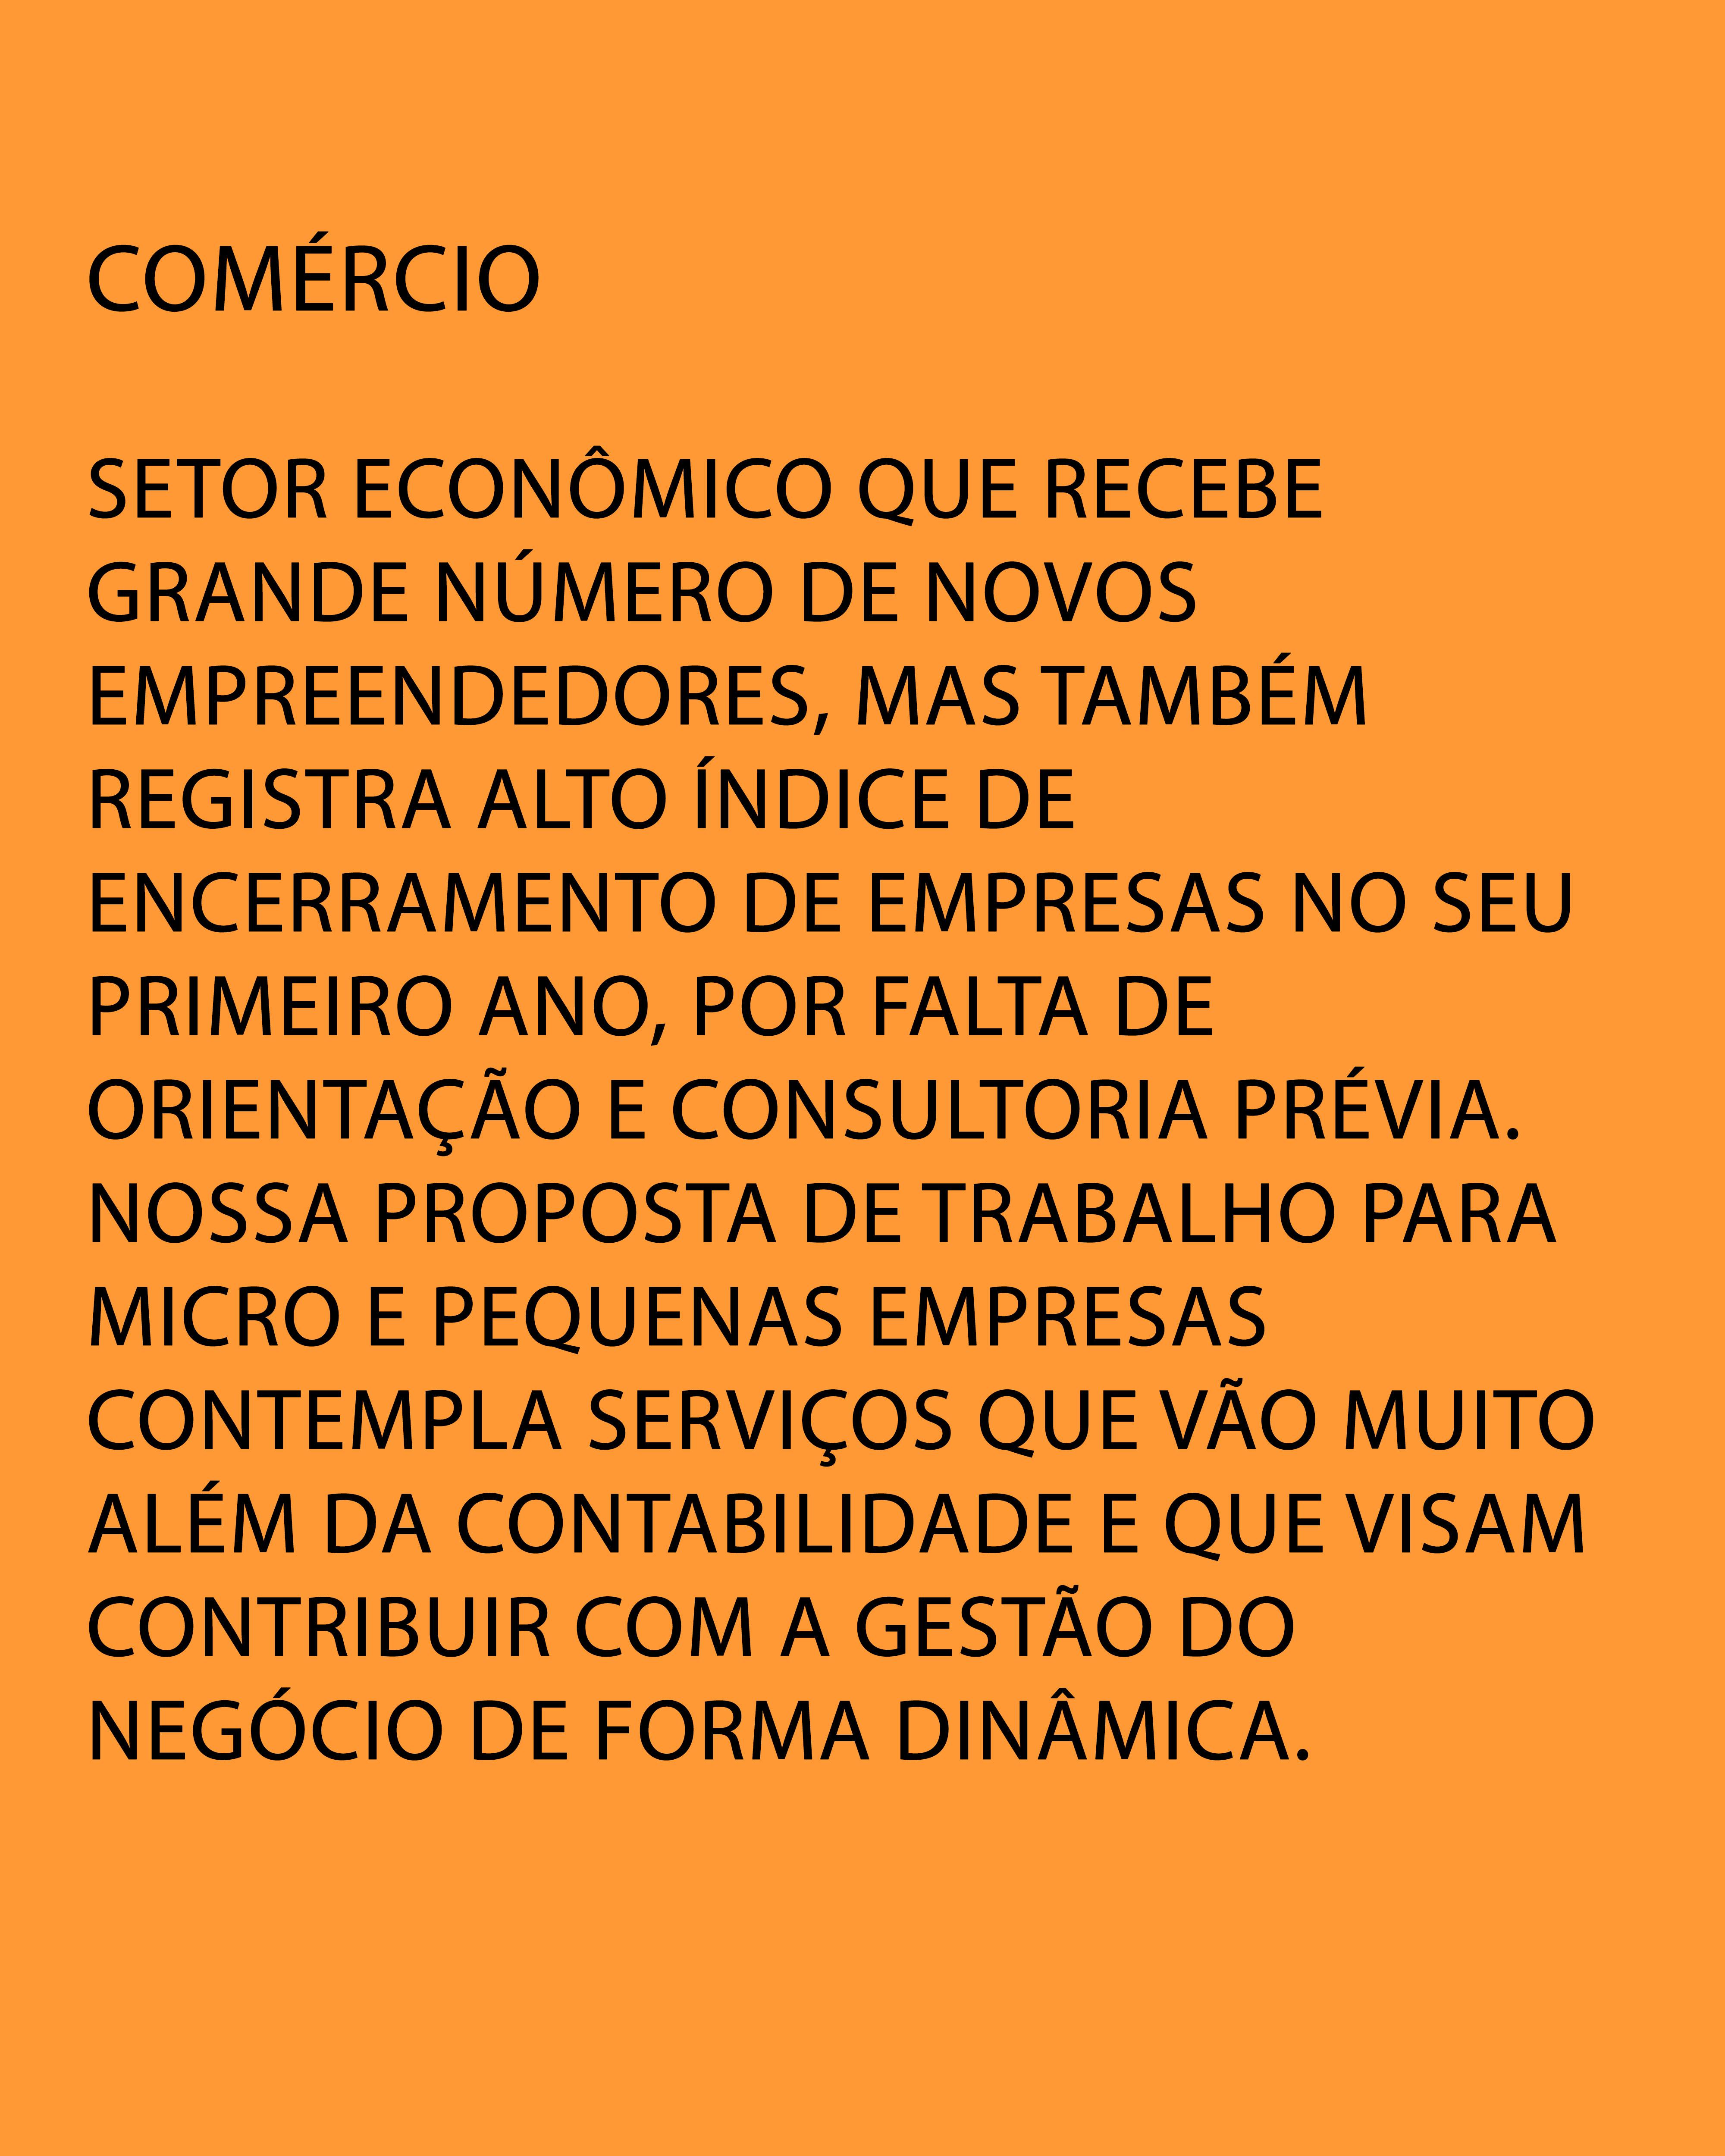 texto-comercio2